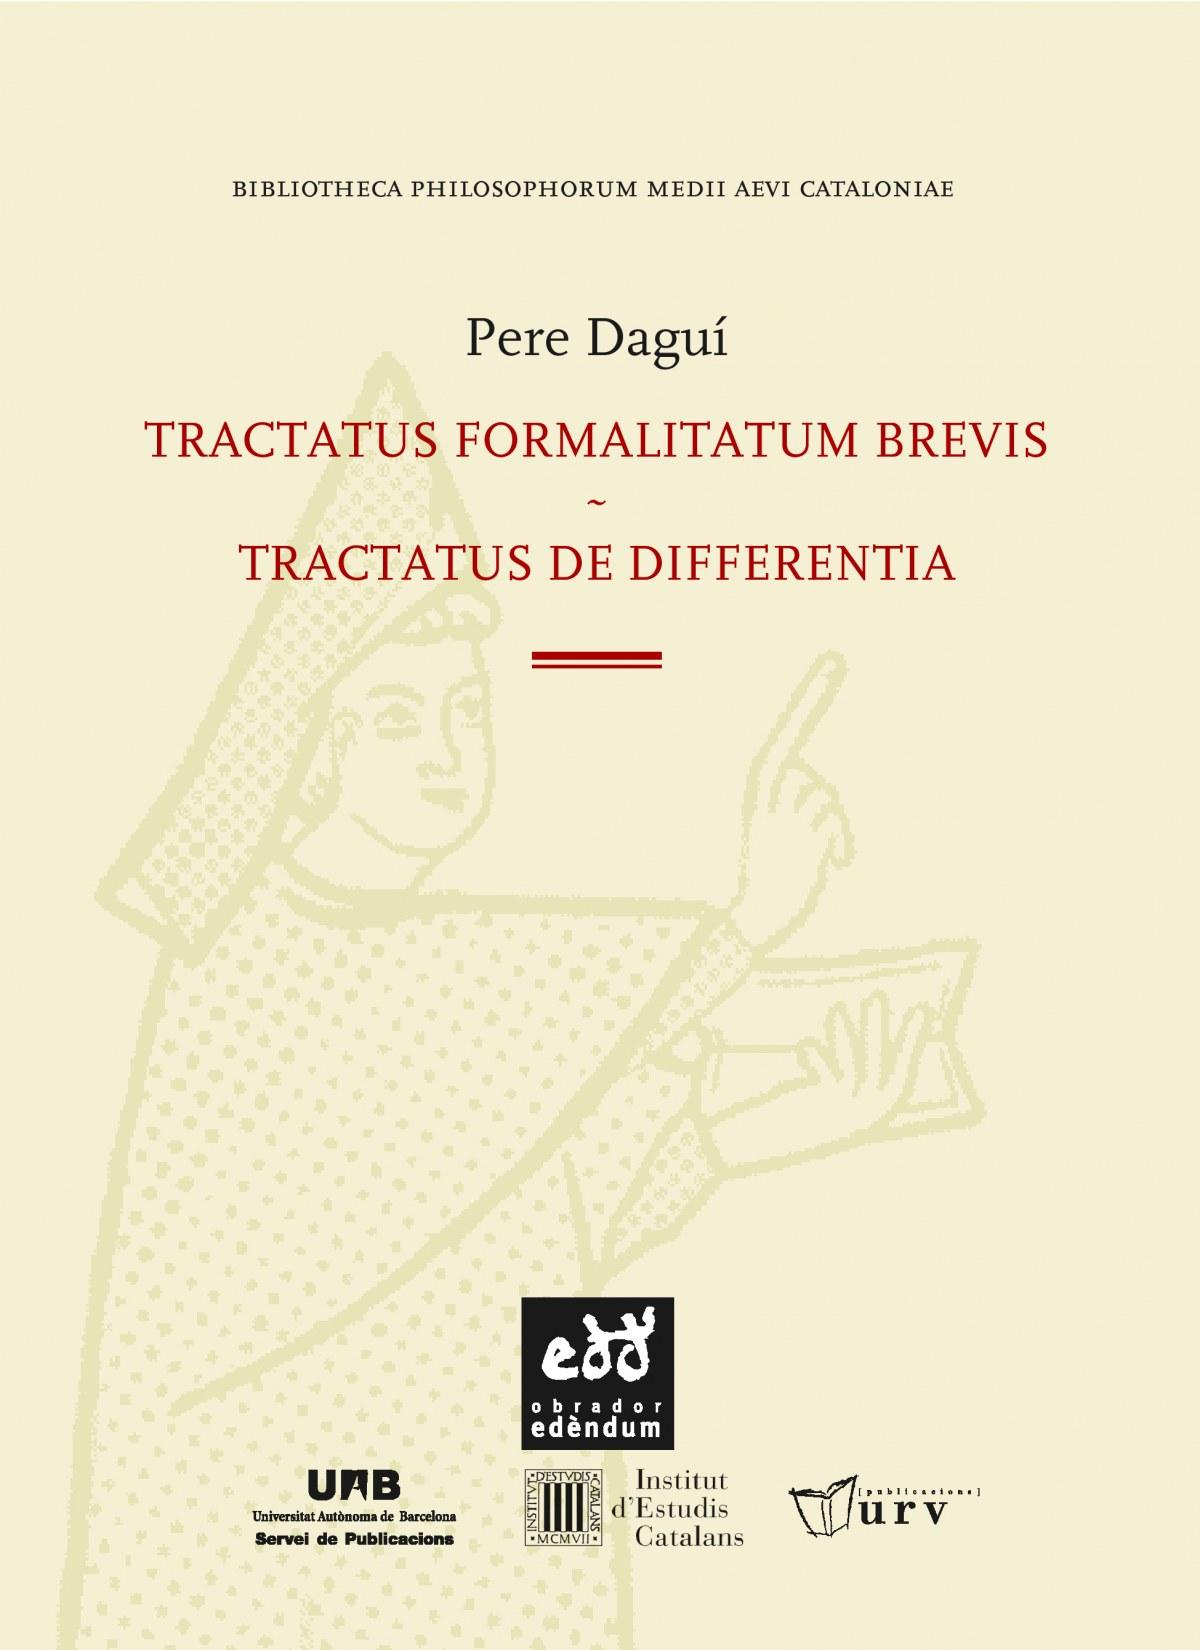 TRACTATUS FORMALITATUM BREVIS. TRACTATUS DE DIFFERENTIA